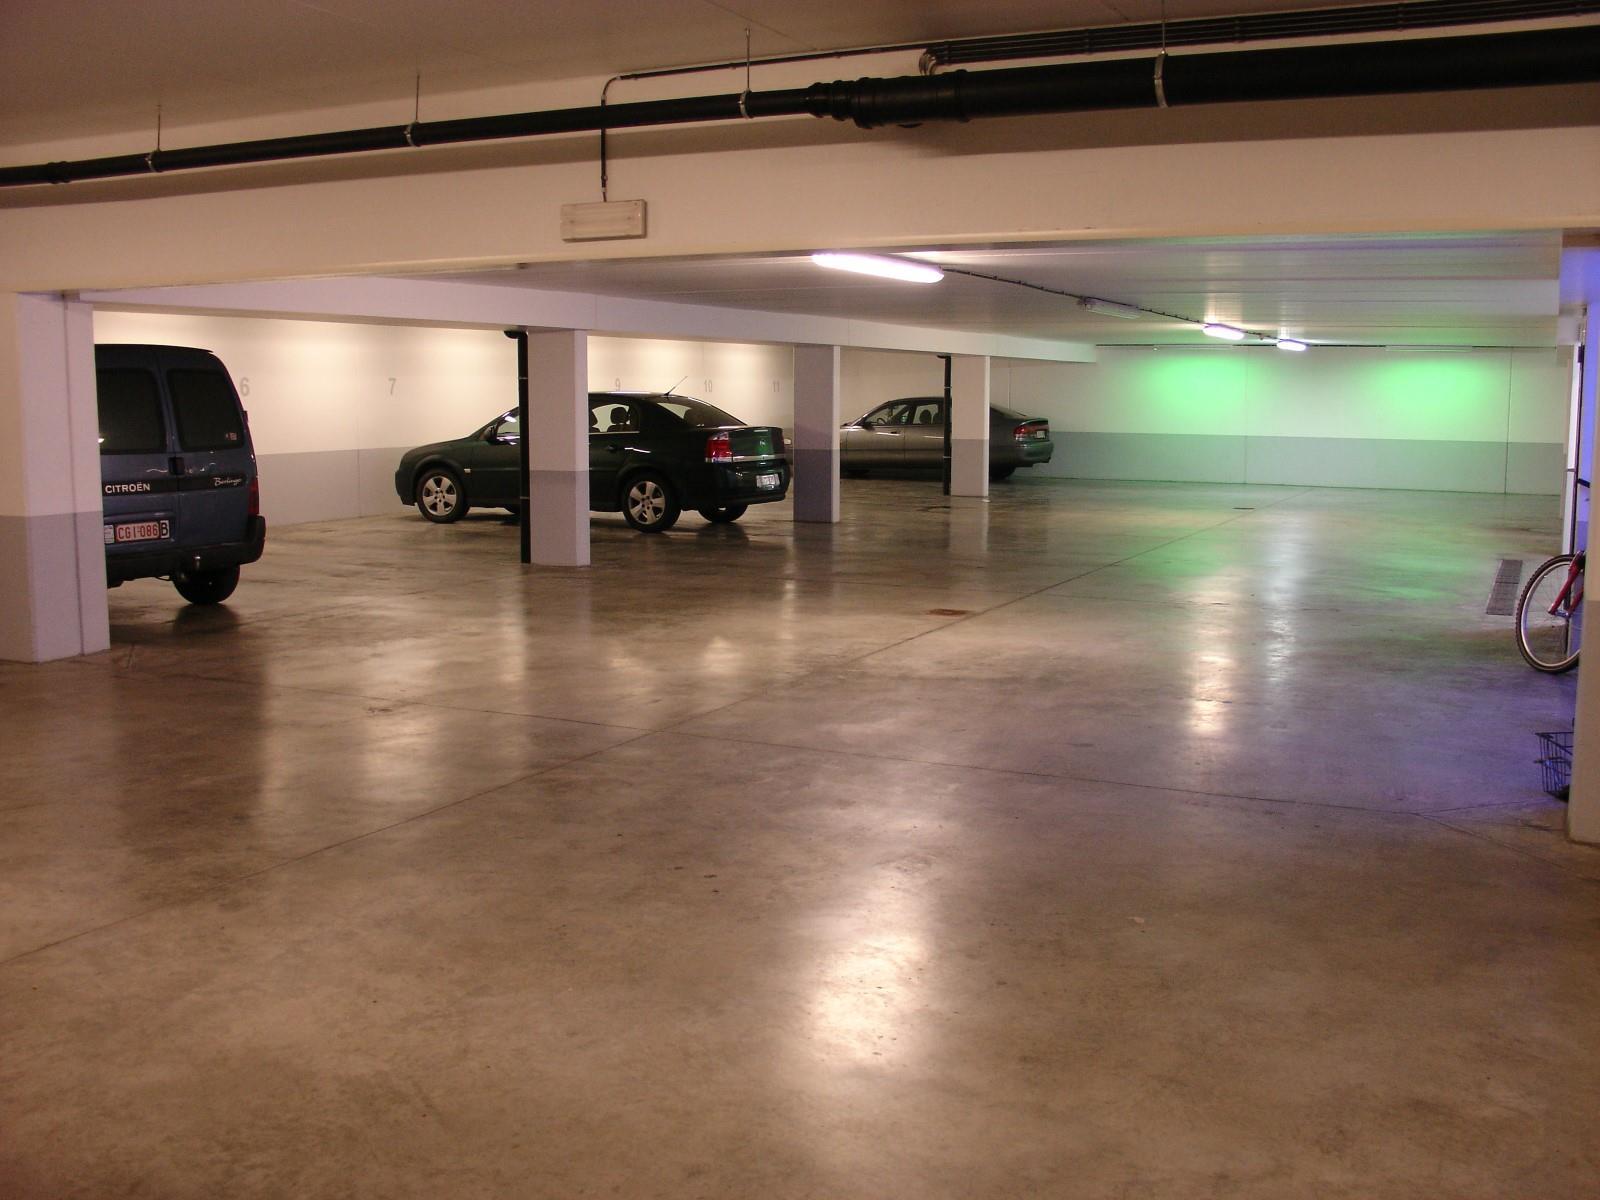 Inside parking - Woluwe-Saint-Pierre - #3974821-1